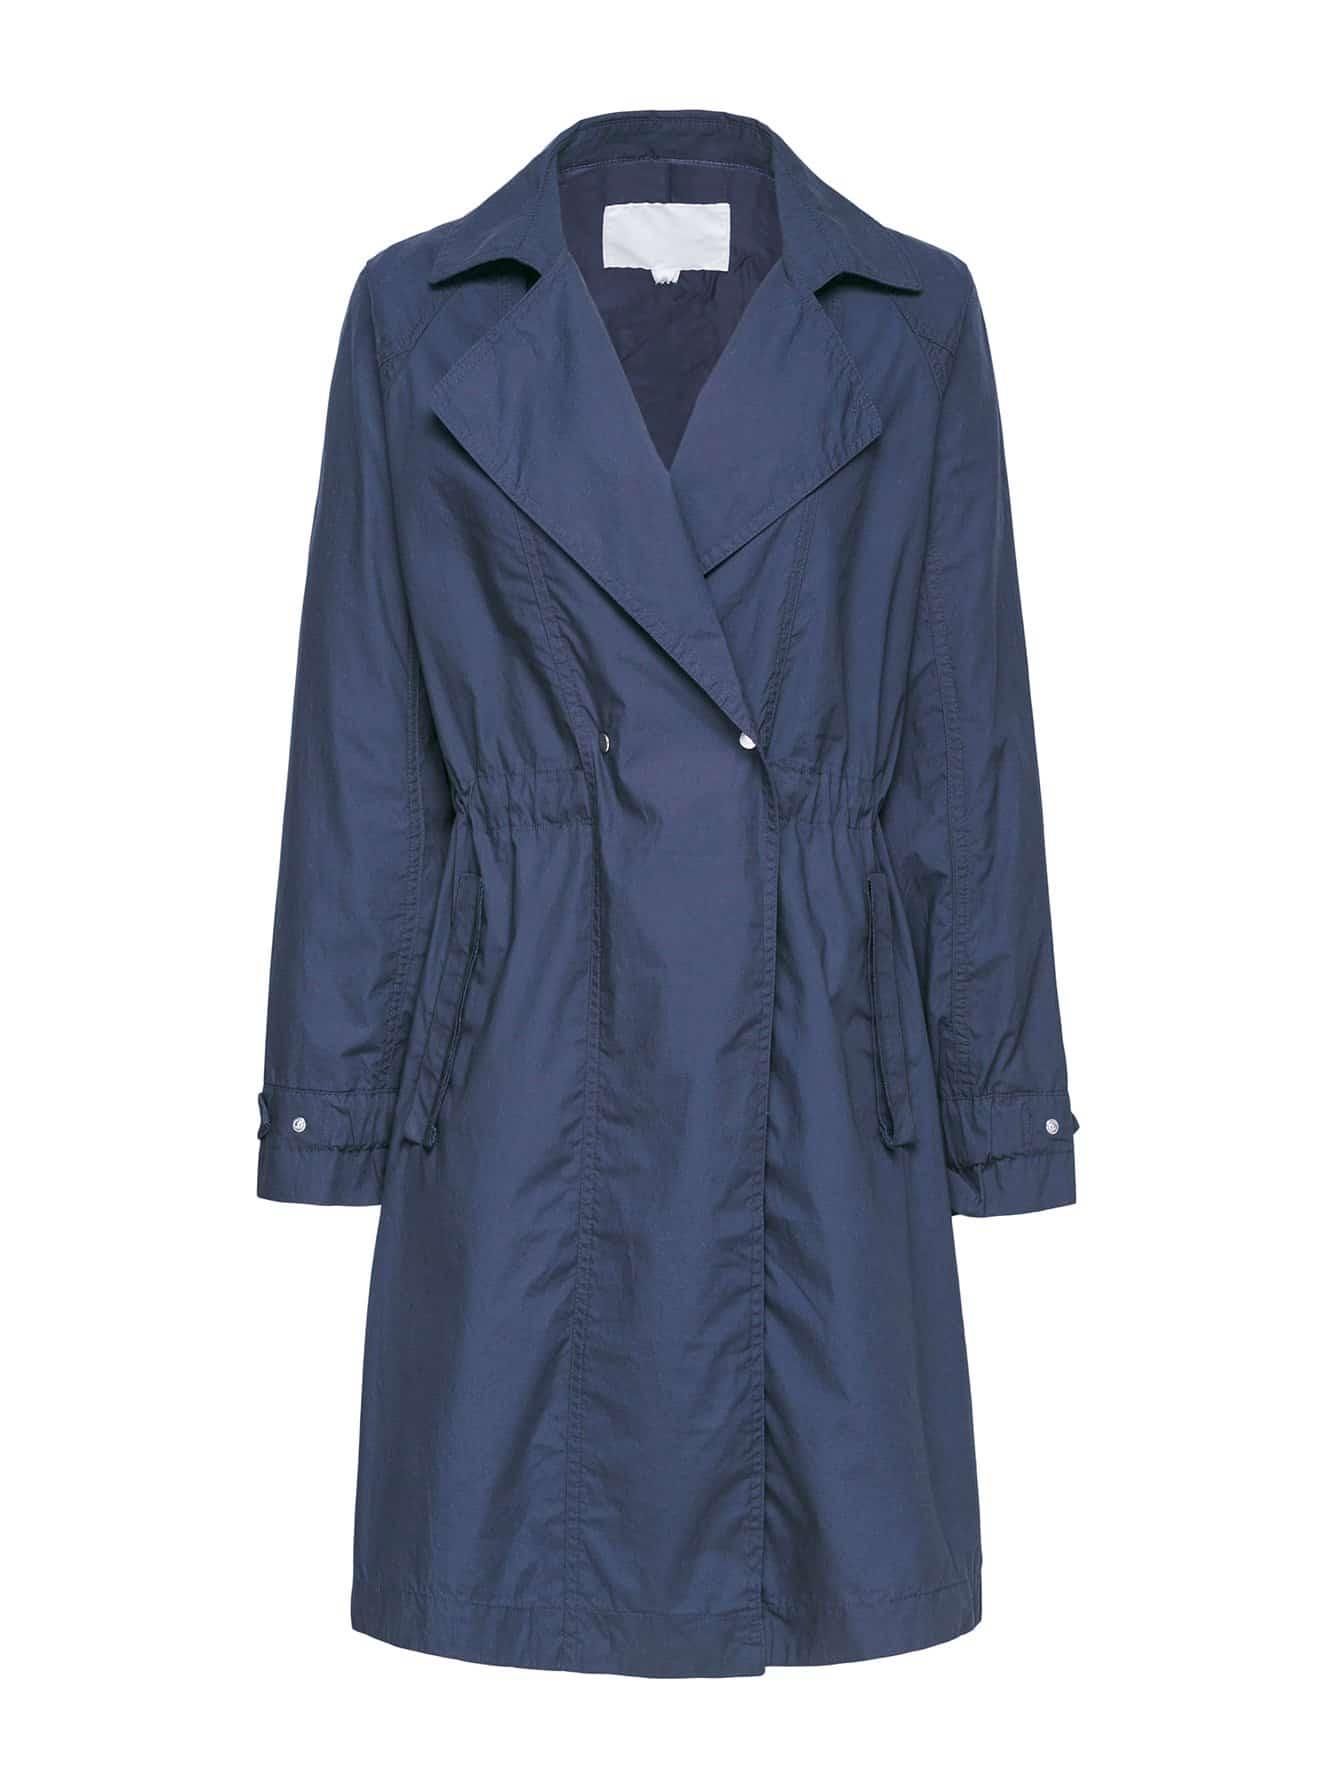 Повседневный стиль Одноцветный на пуговицах Тренч Пальто Темно синий Пальто SheIn